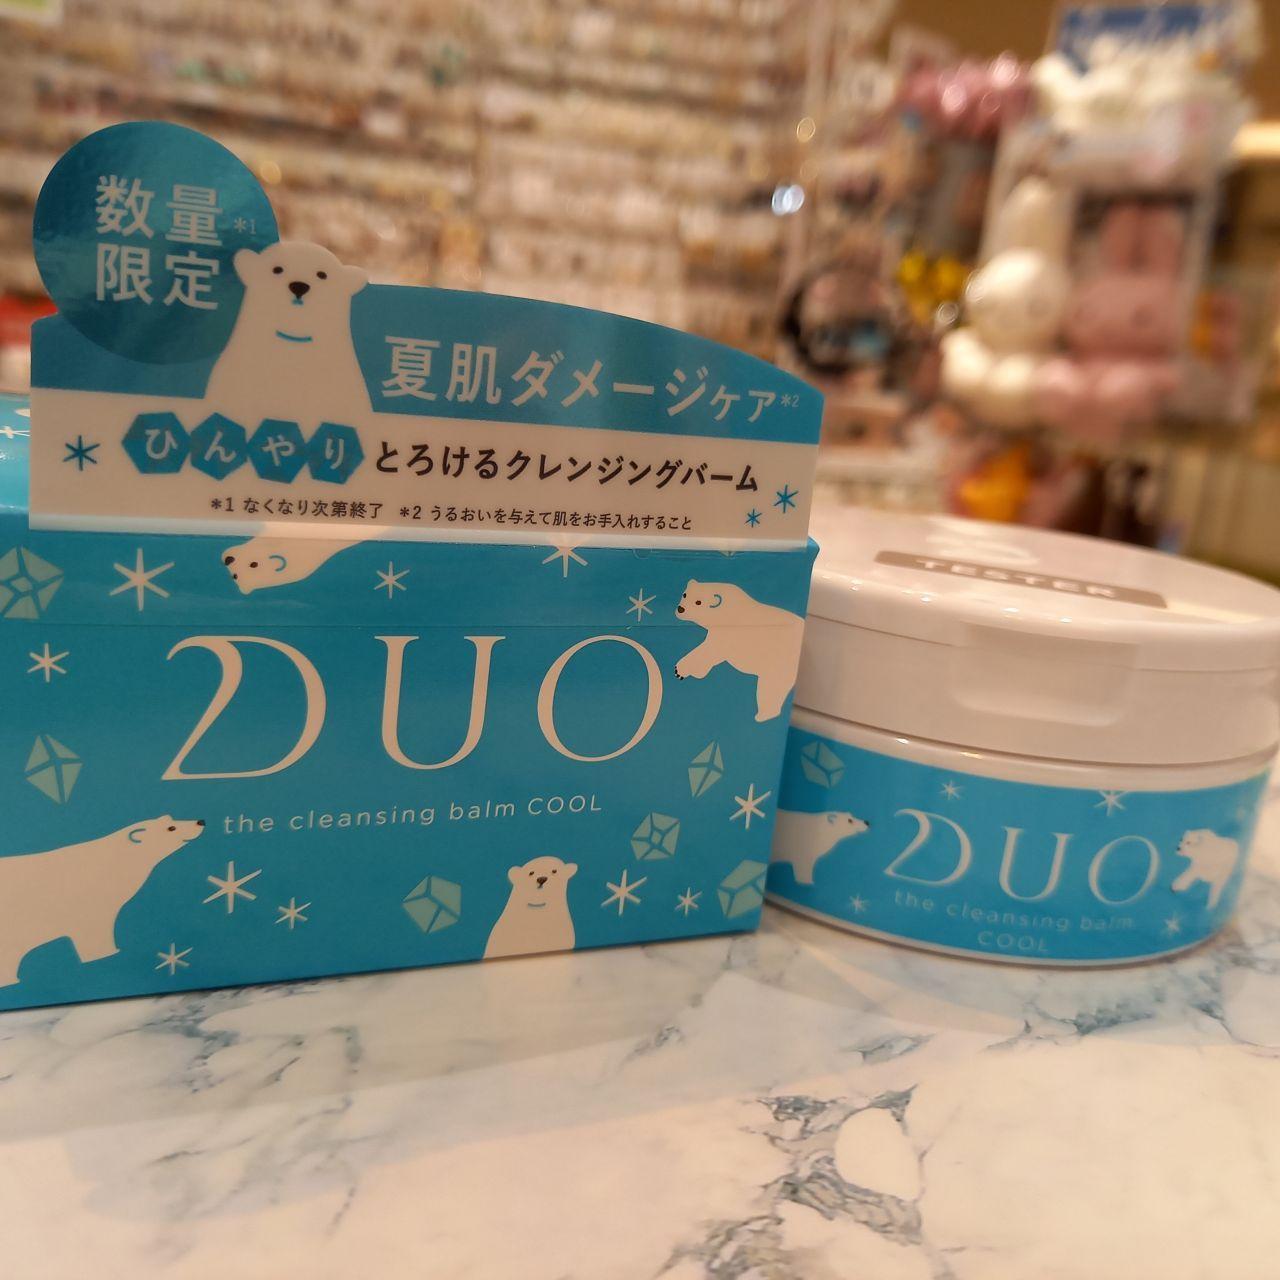 「DUOとカナデルから夏限定アイテムが入荷!!」の写真